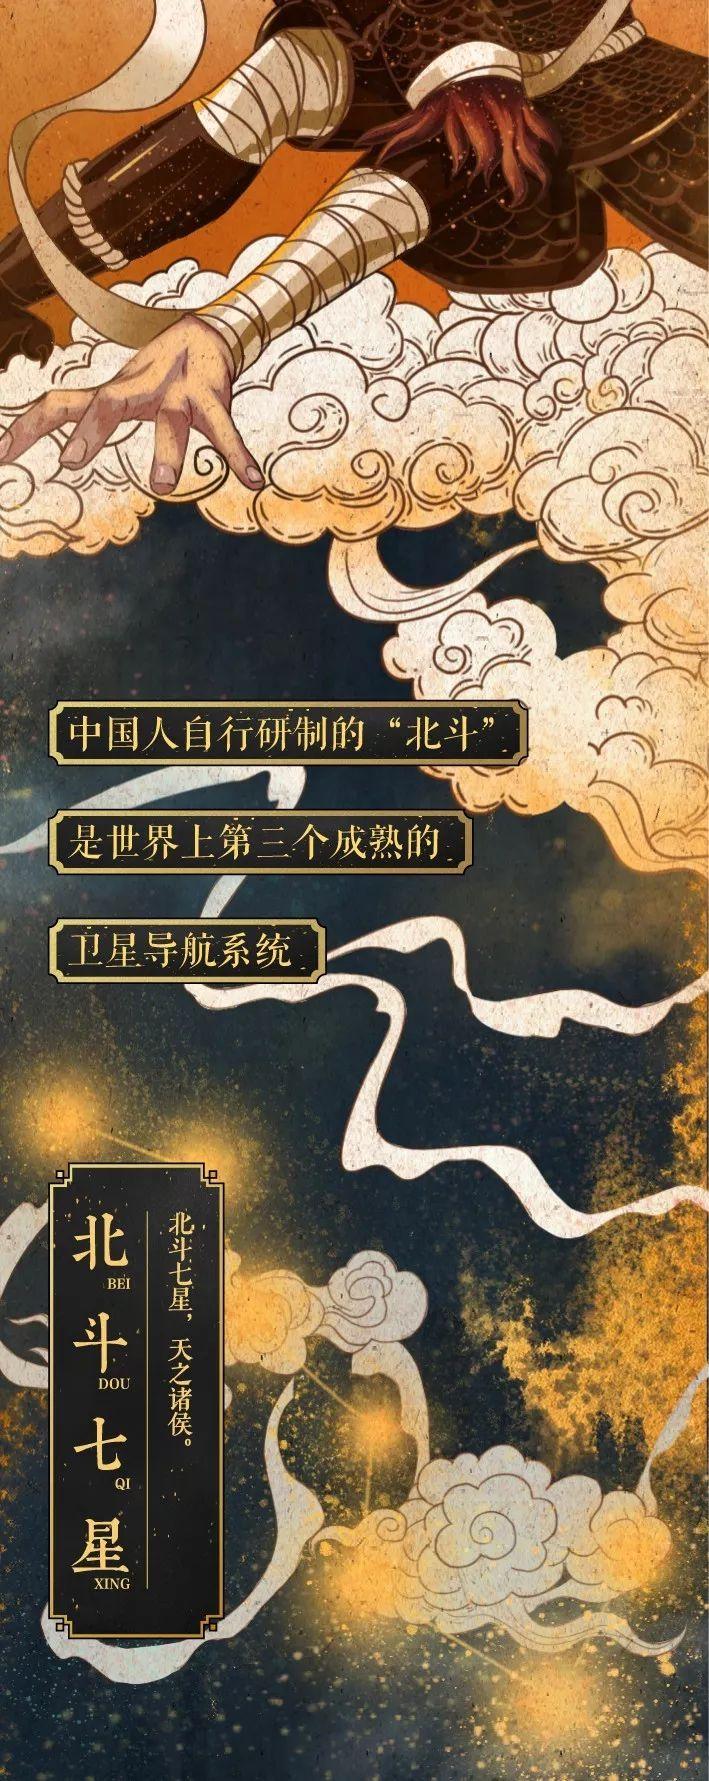 鸿蒙:中国神兽图鉴